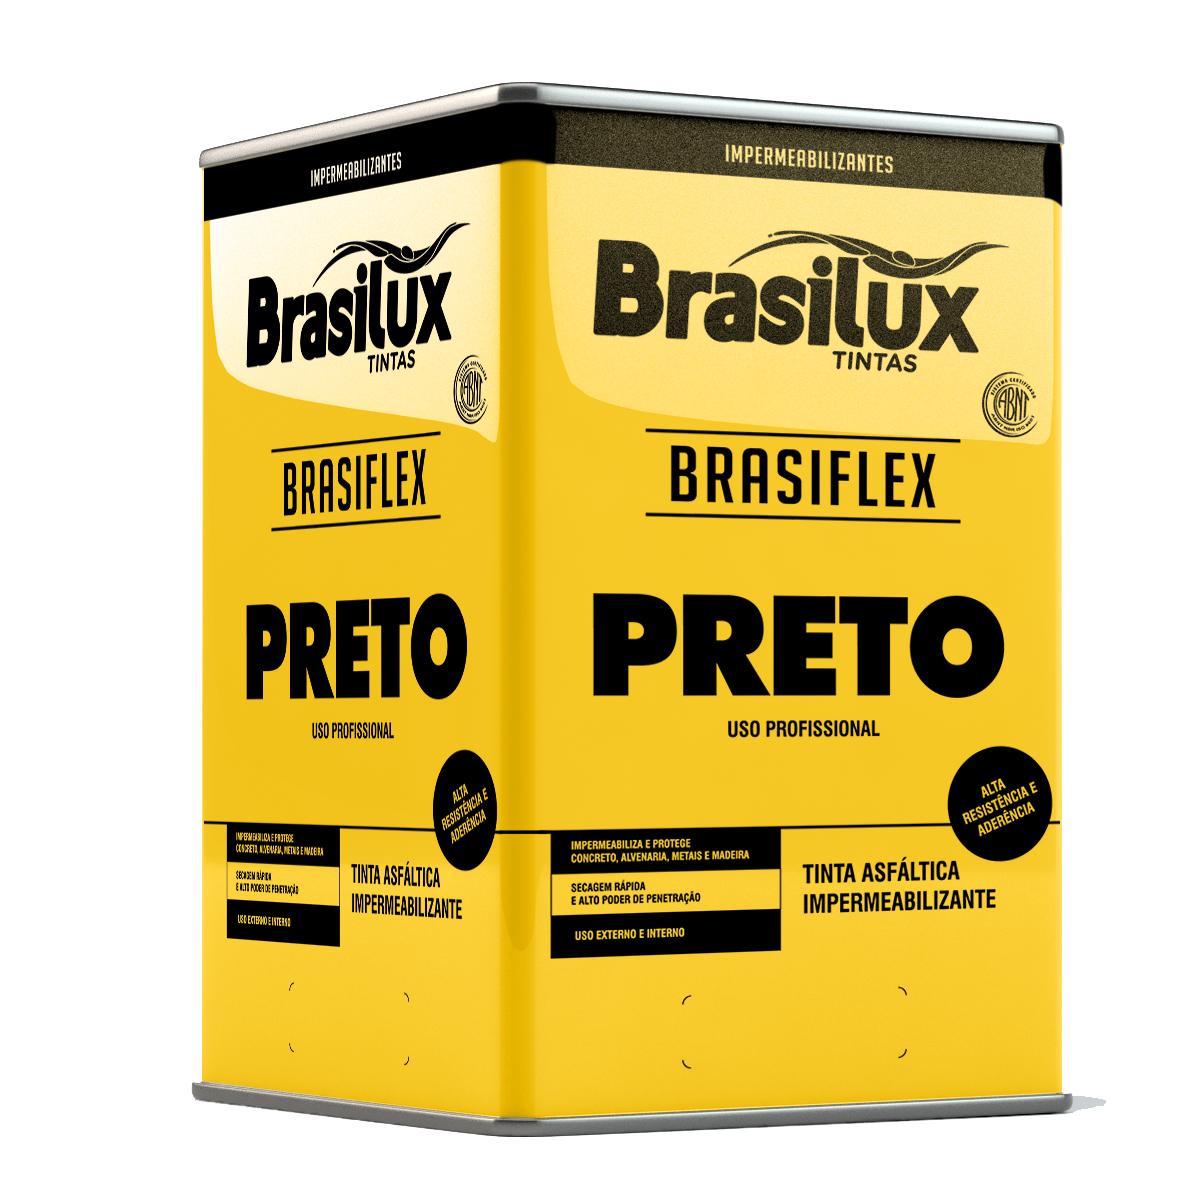 BRASIFLEX PRETO IMPERMEABILIZANTE ASFÁLTICO